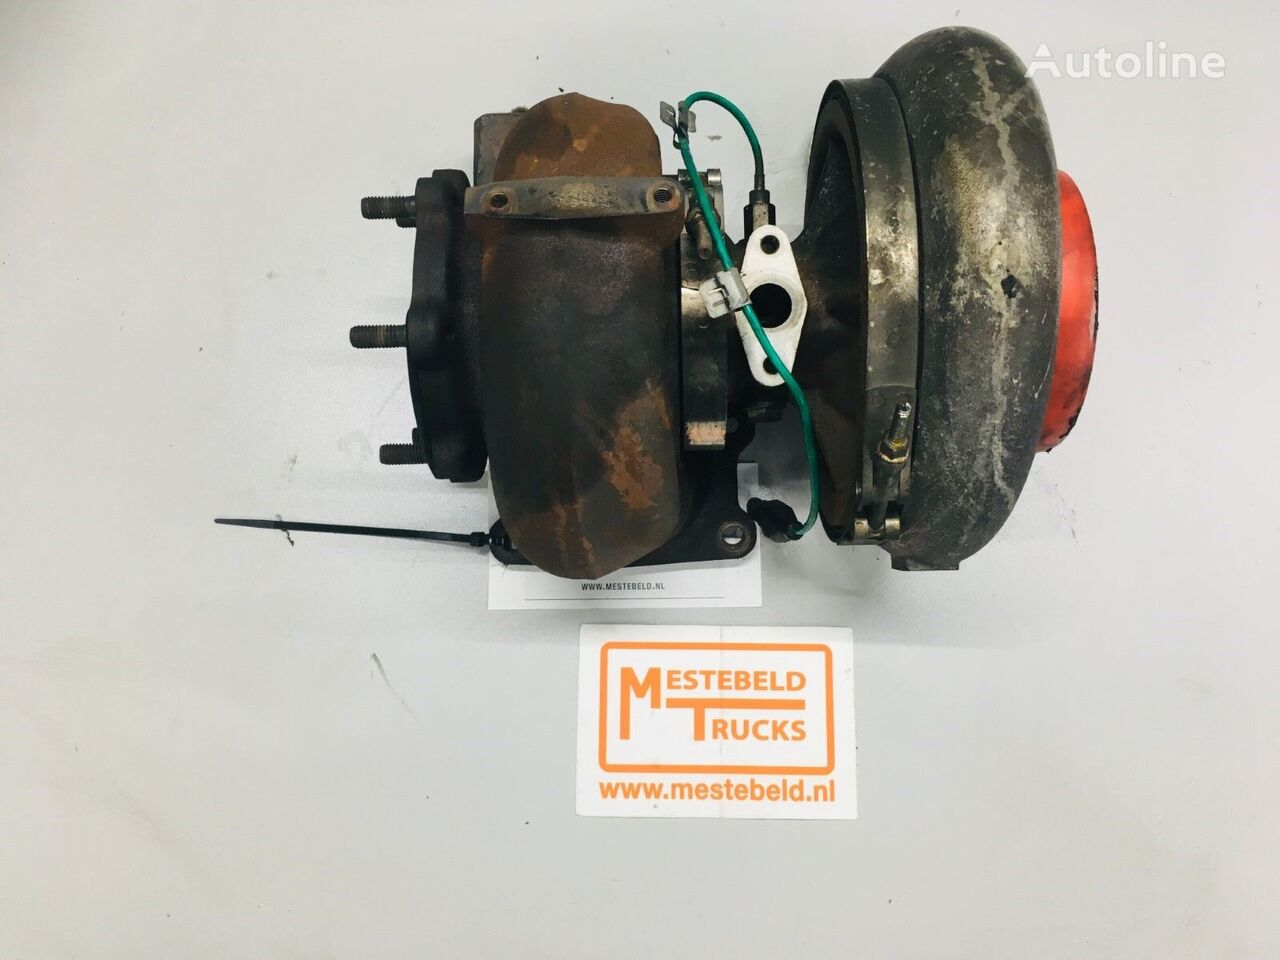 MERCEDES-BENZ Turbo OM741 LA pneumatic compressor for MERCEDES-BENZ truck